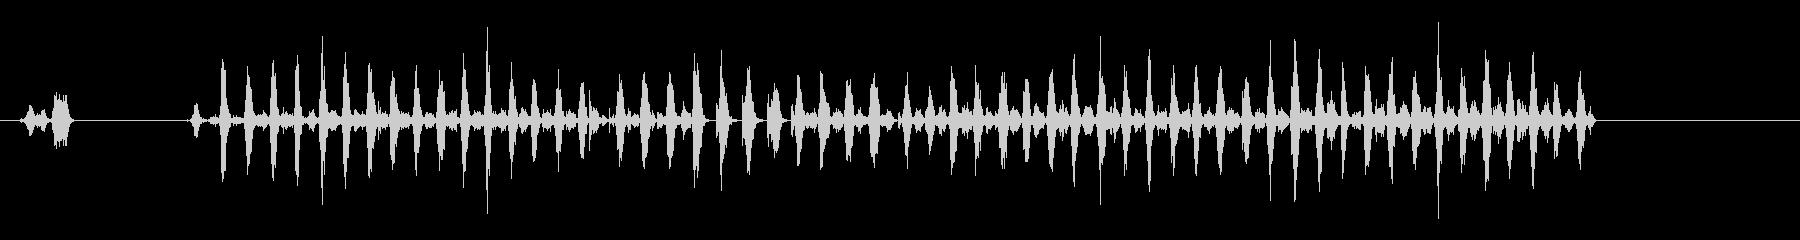 ウッドファイル2の未再生の波形